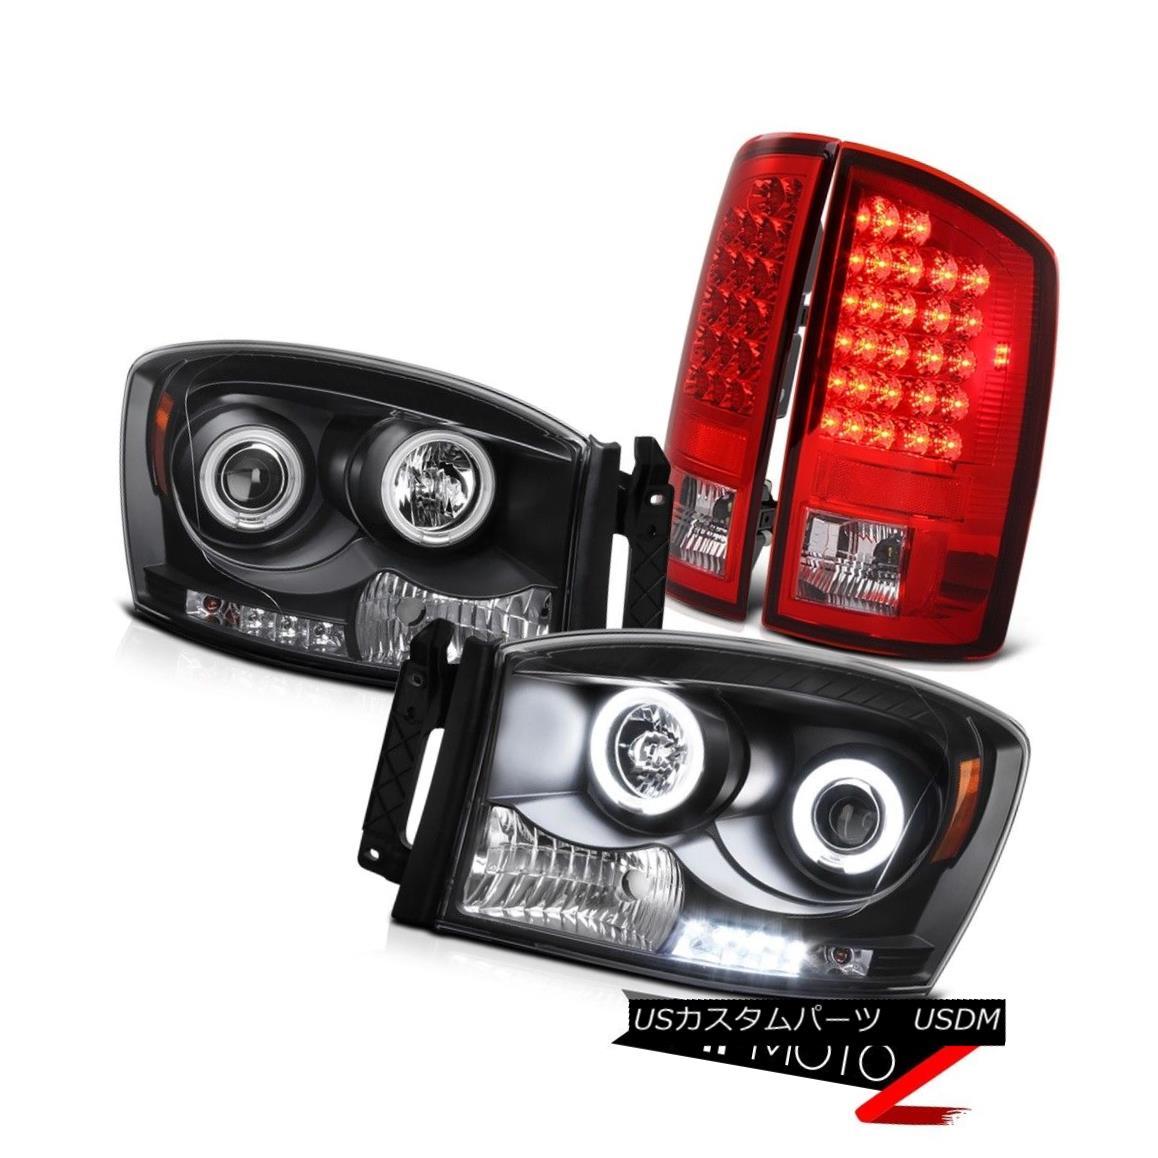 テールライト CCFL Black Halo Projector Headlight+LED Tail Light Assembly 2006 06 Dodge RAM V8 CCFLブラックハロープロジェクターヘッドライト+ LEDテールライトアセンブリ2006 06ドッジRAM V8